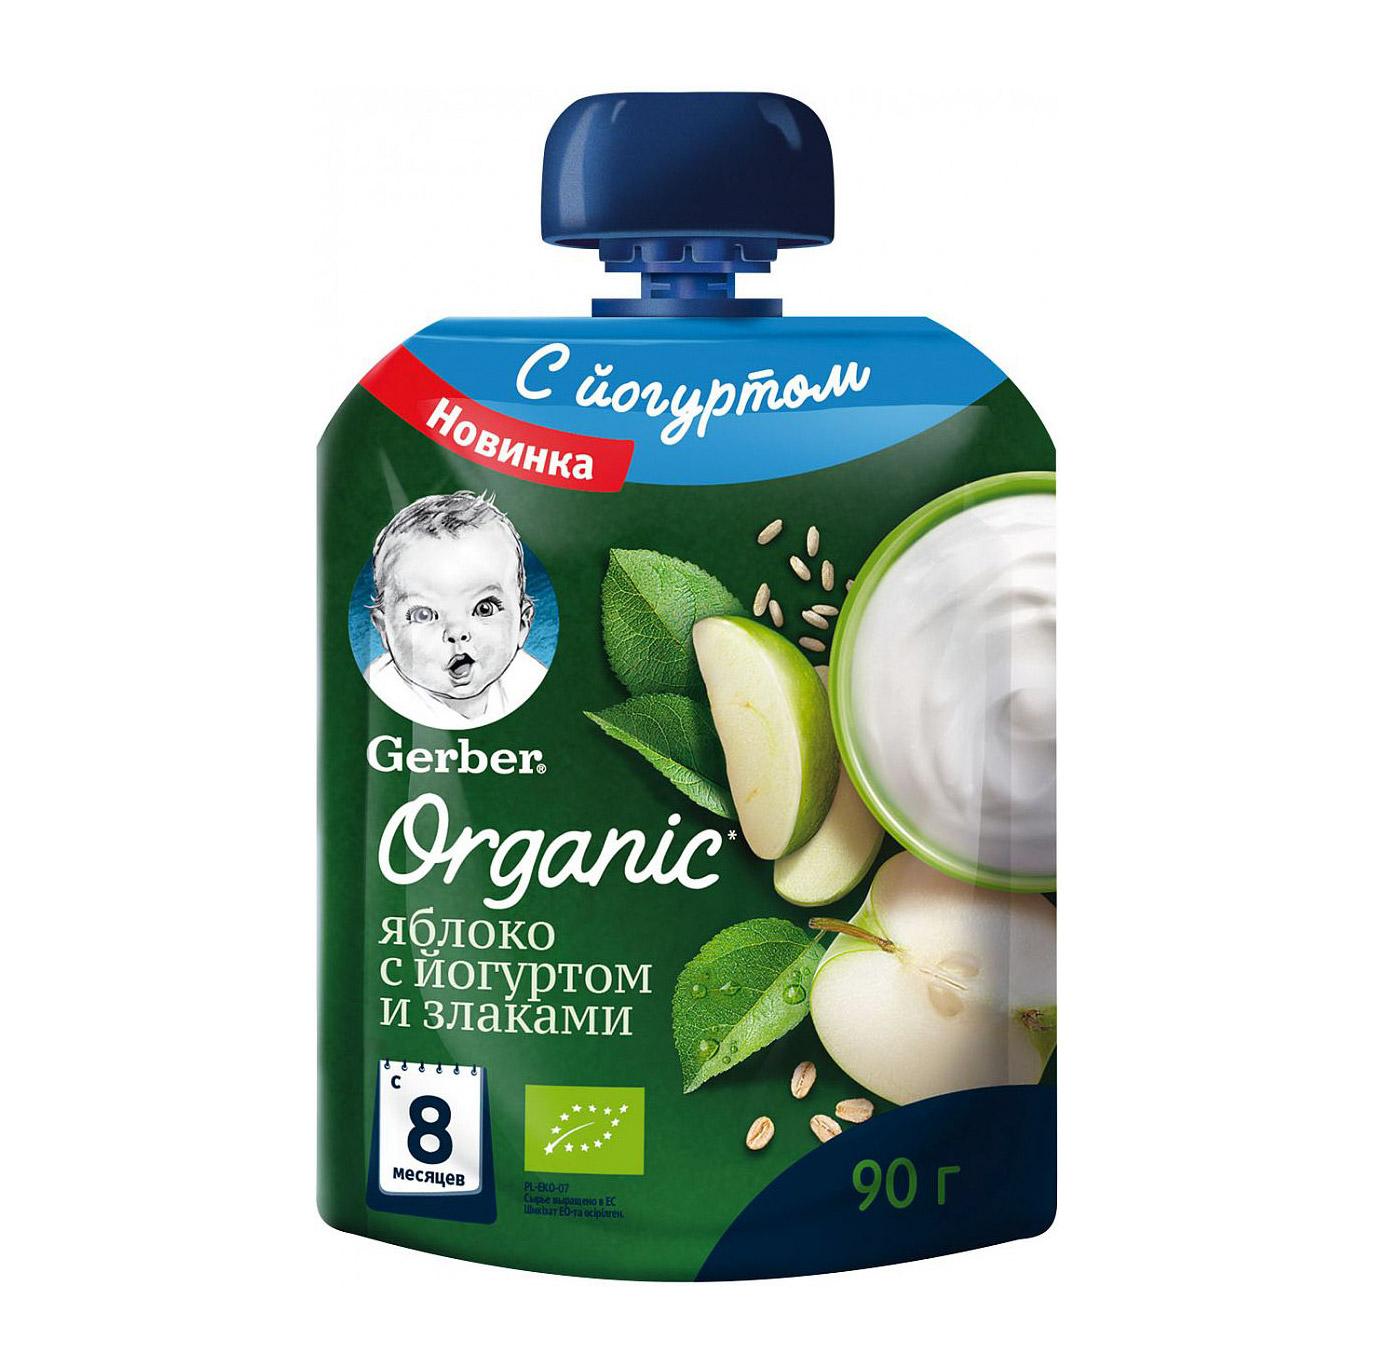 Фото - Пюре фруктово-молочное Gerber Organic Яблоко с йогуртом и злаками 90 г пюре gerber organic банан манго злаки йогурт с 8 мес 90 г